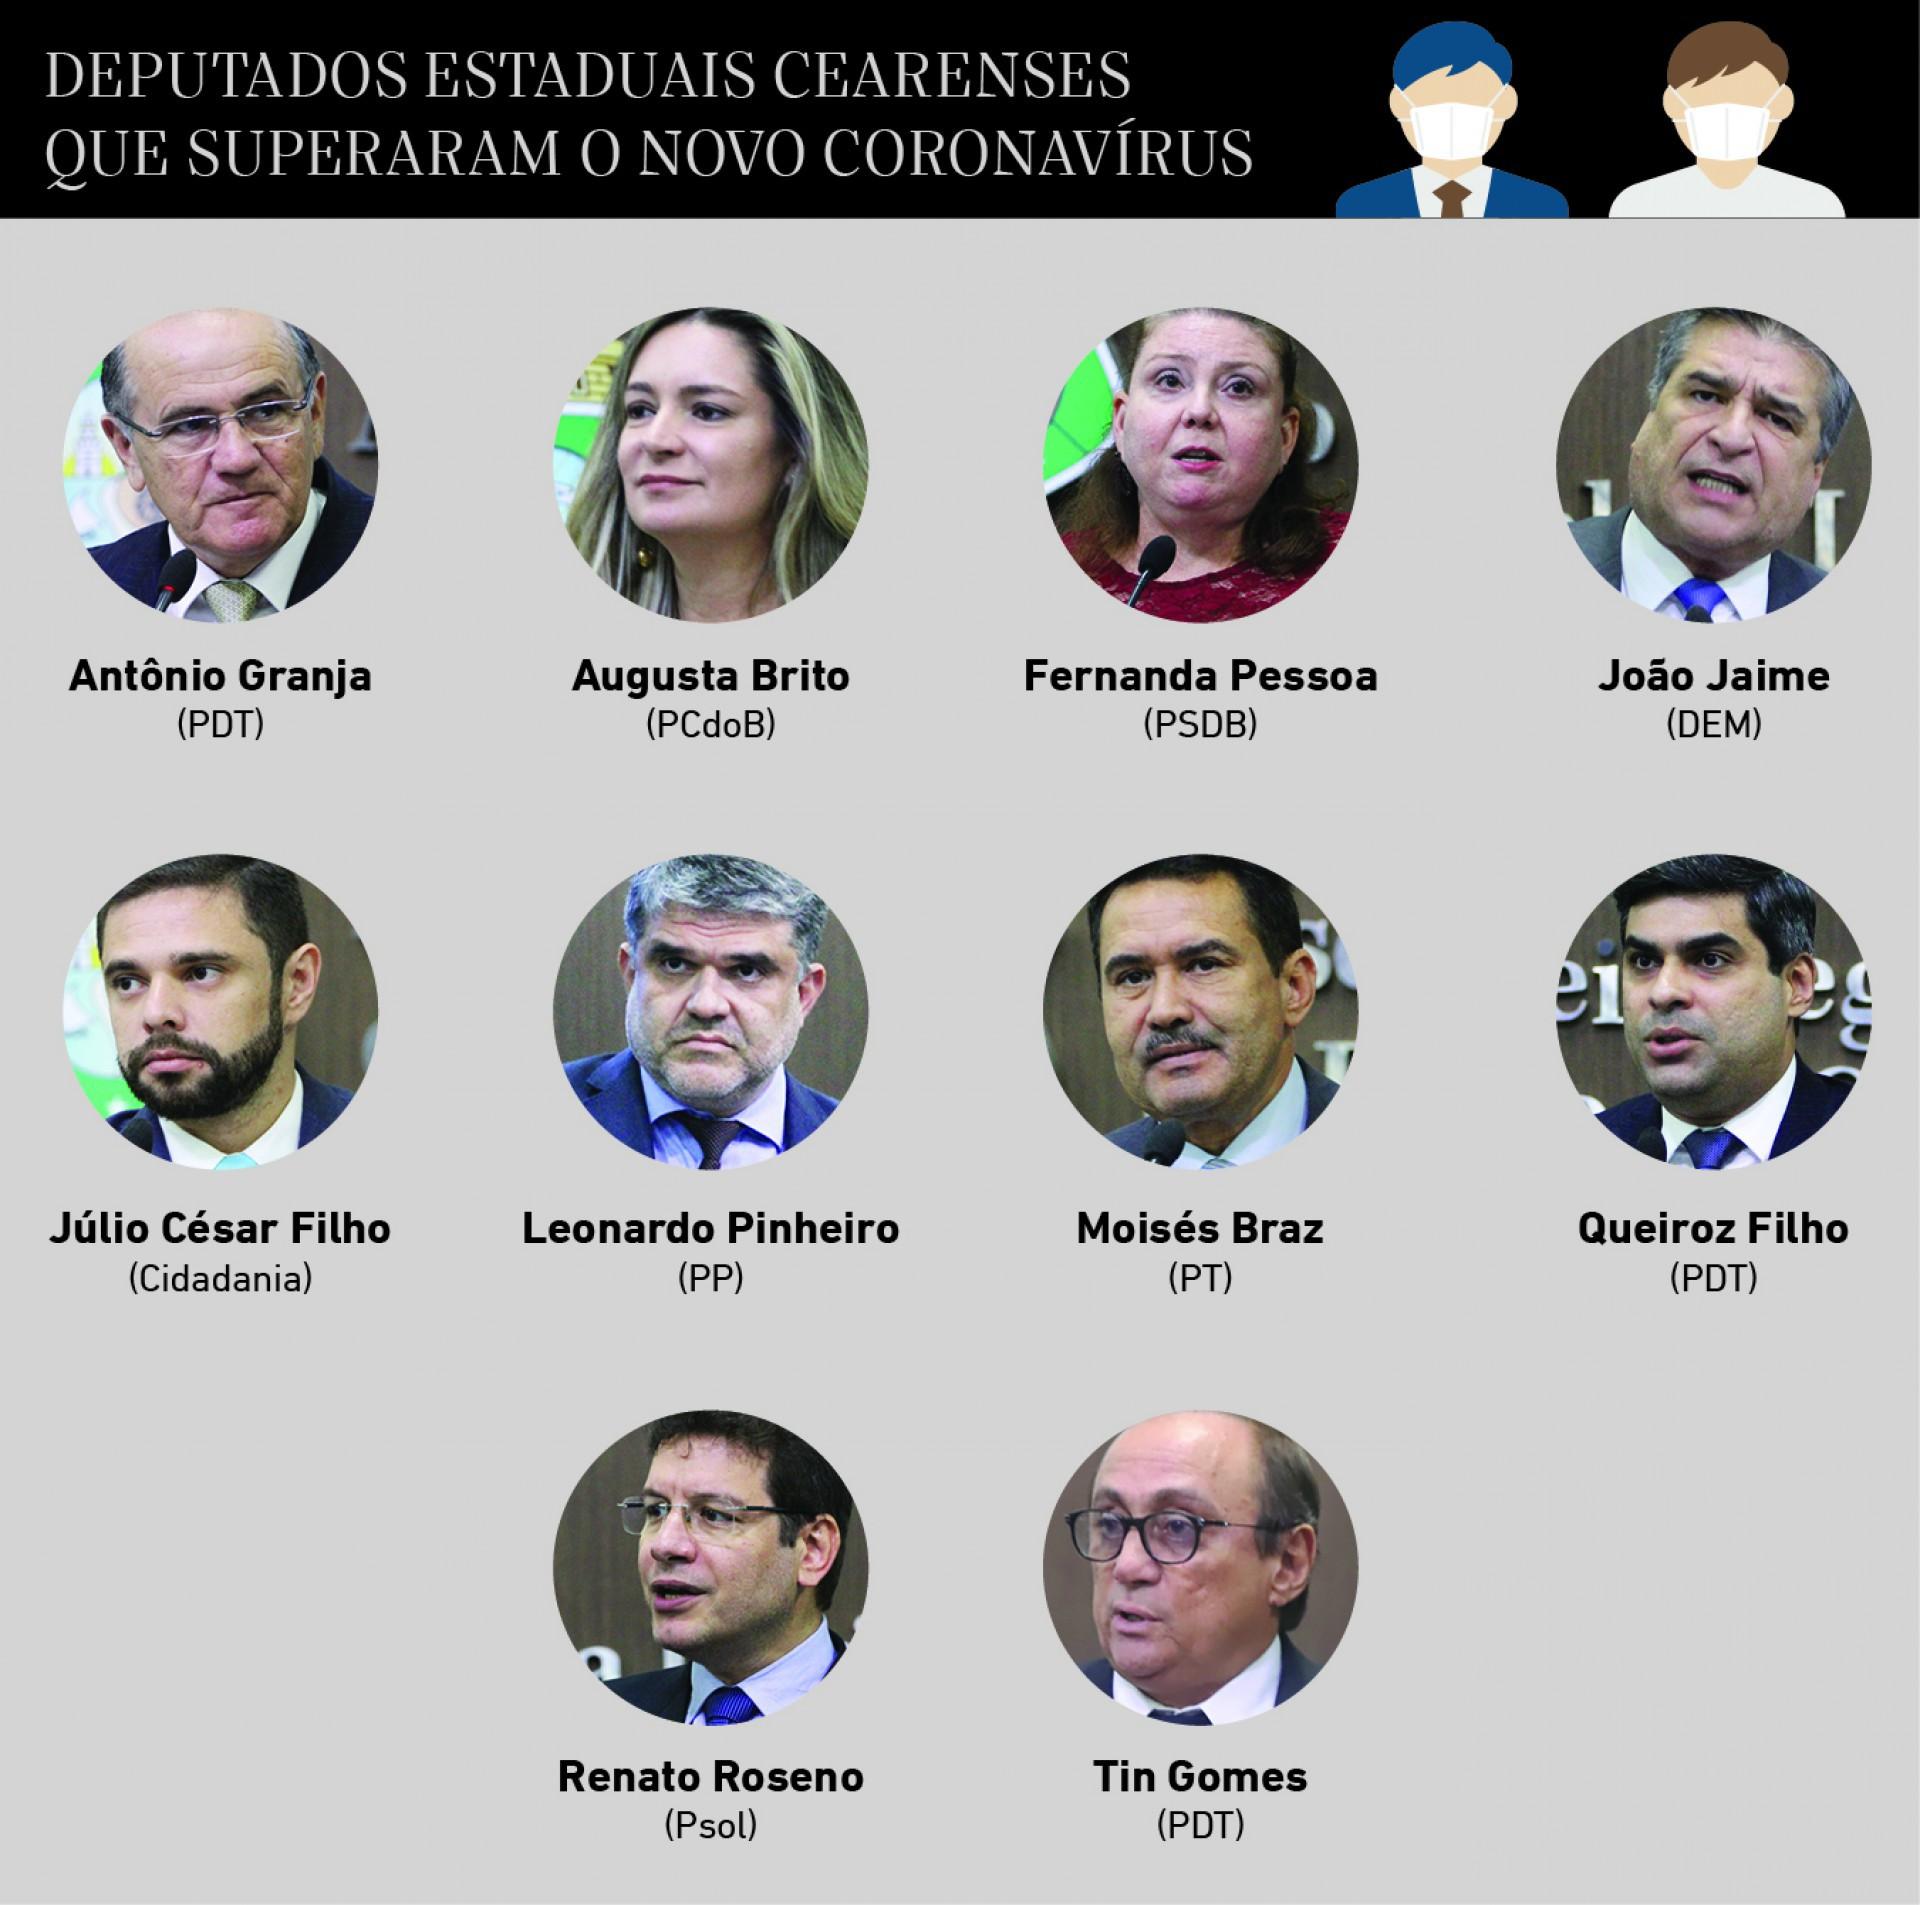 Deputados Estaduais que superaram a Covid-19